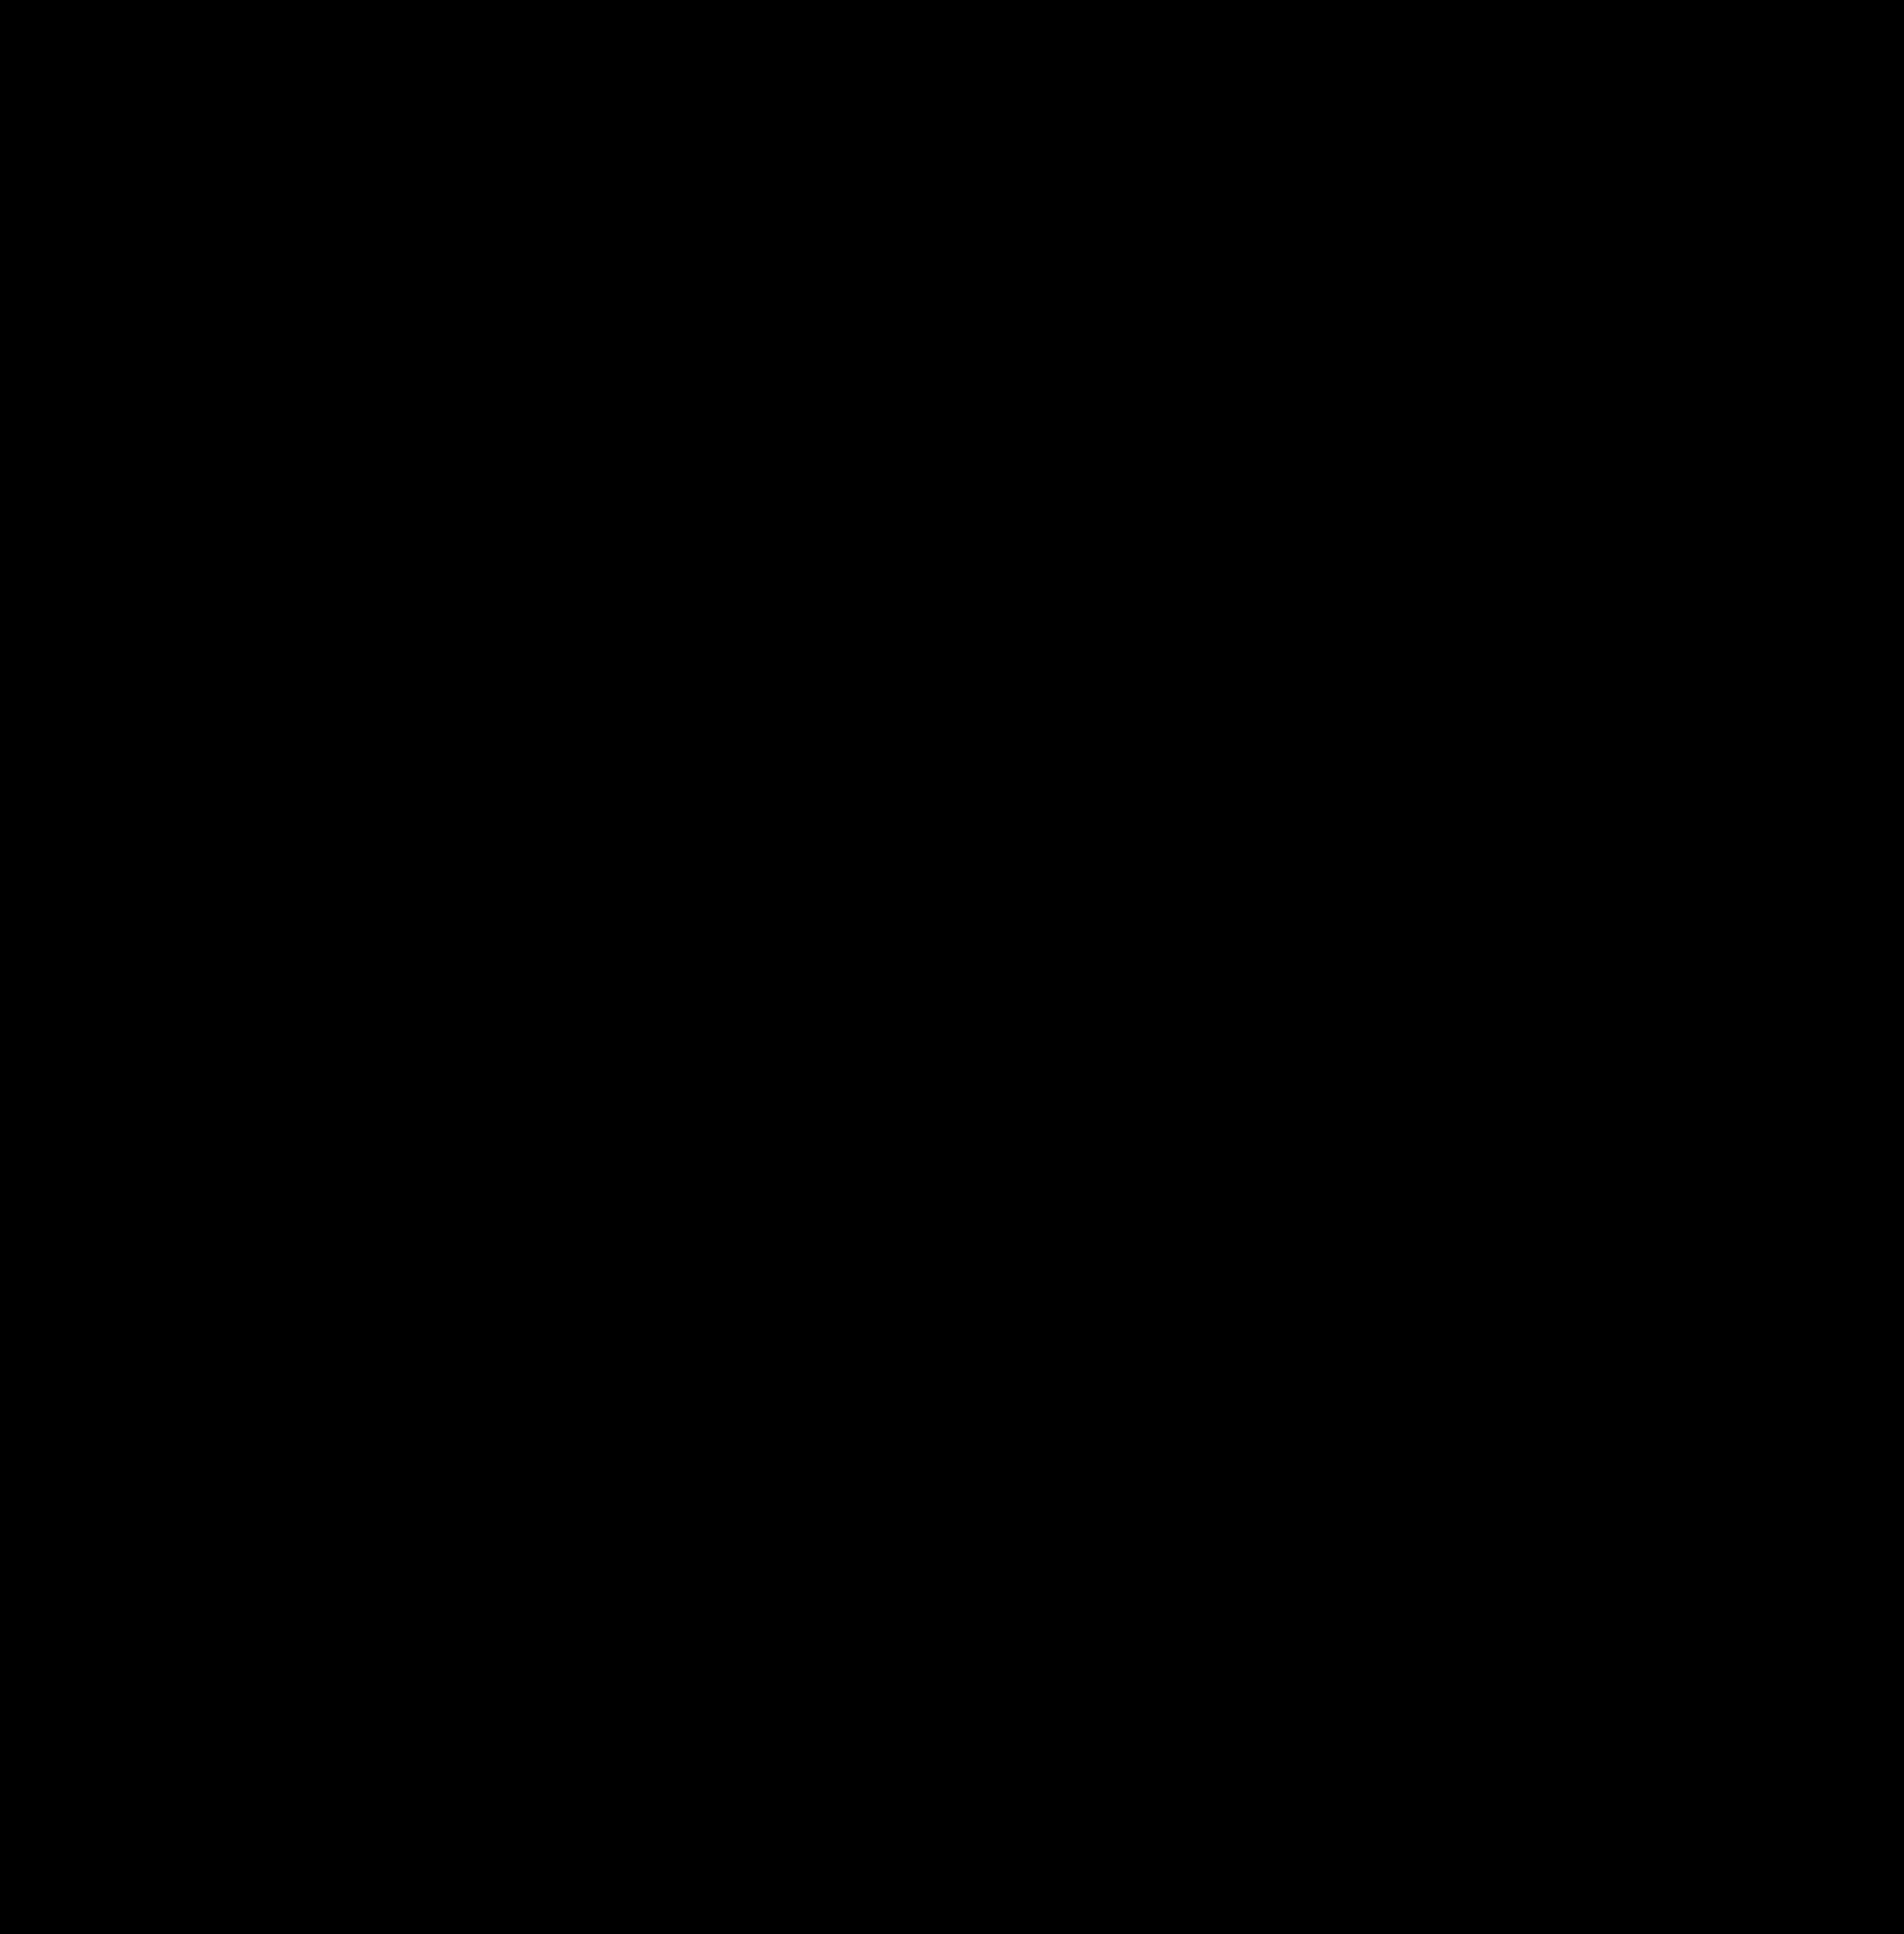 EQUAL HOUSING LENDER Logo PNG Transparent & SVG Vector.